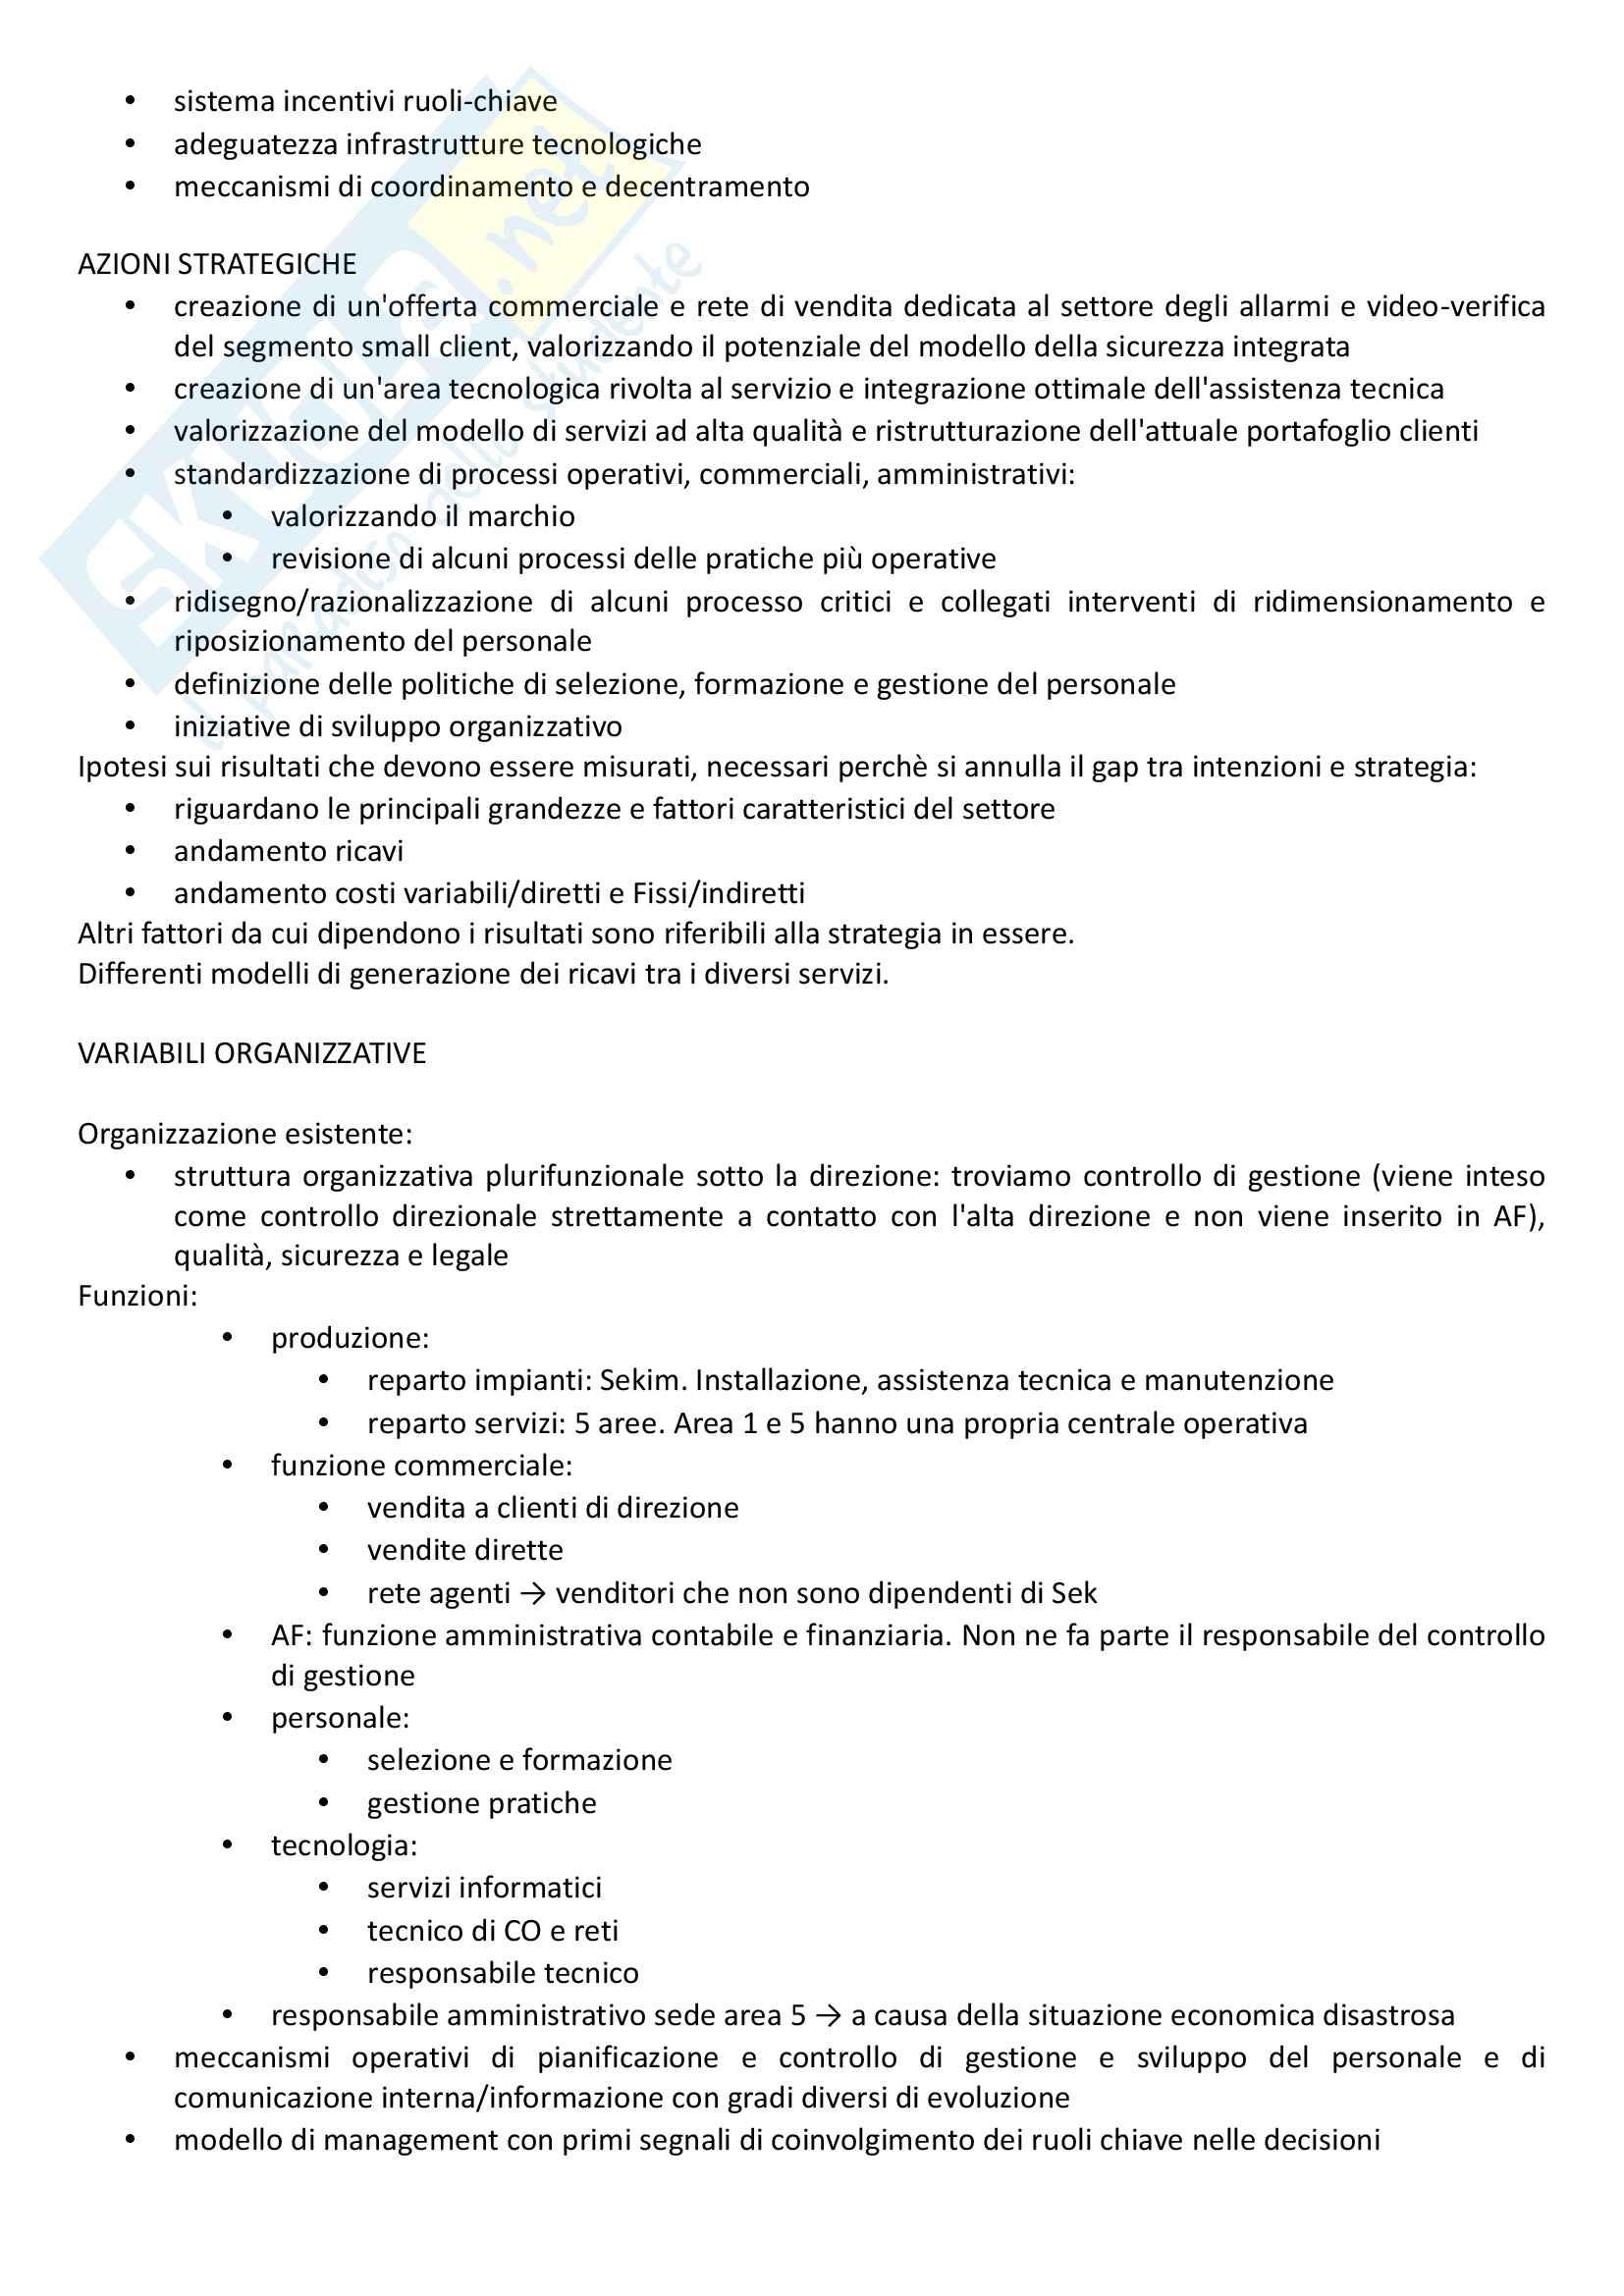 Programmazione e controllo strategico Pag. 81